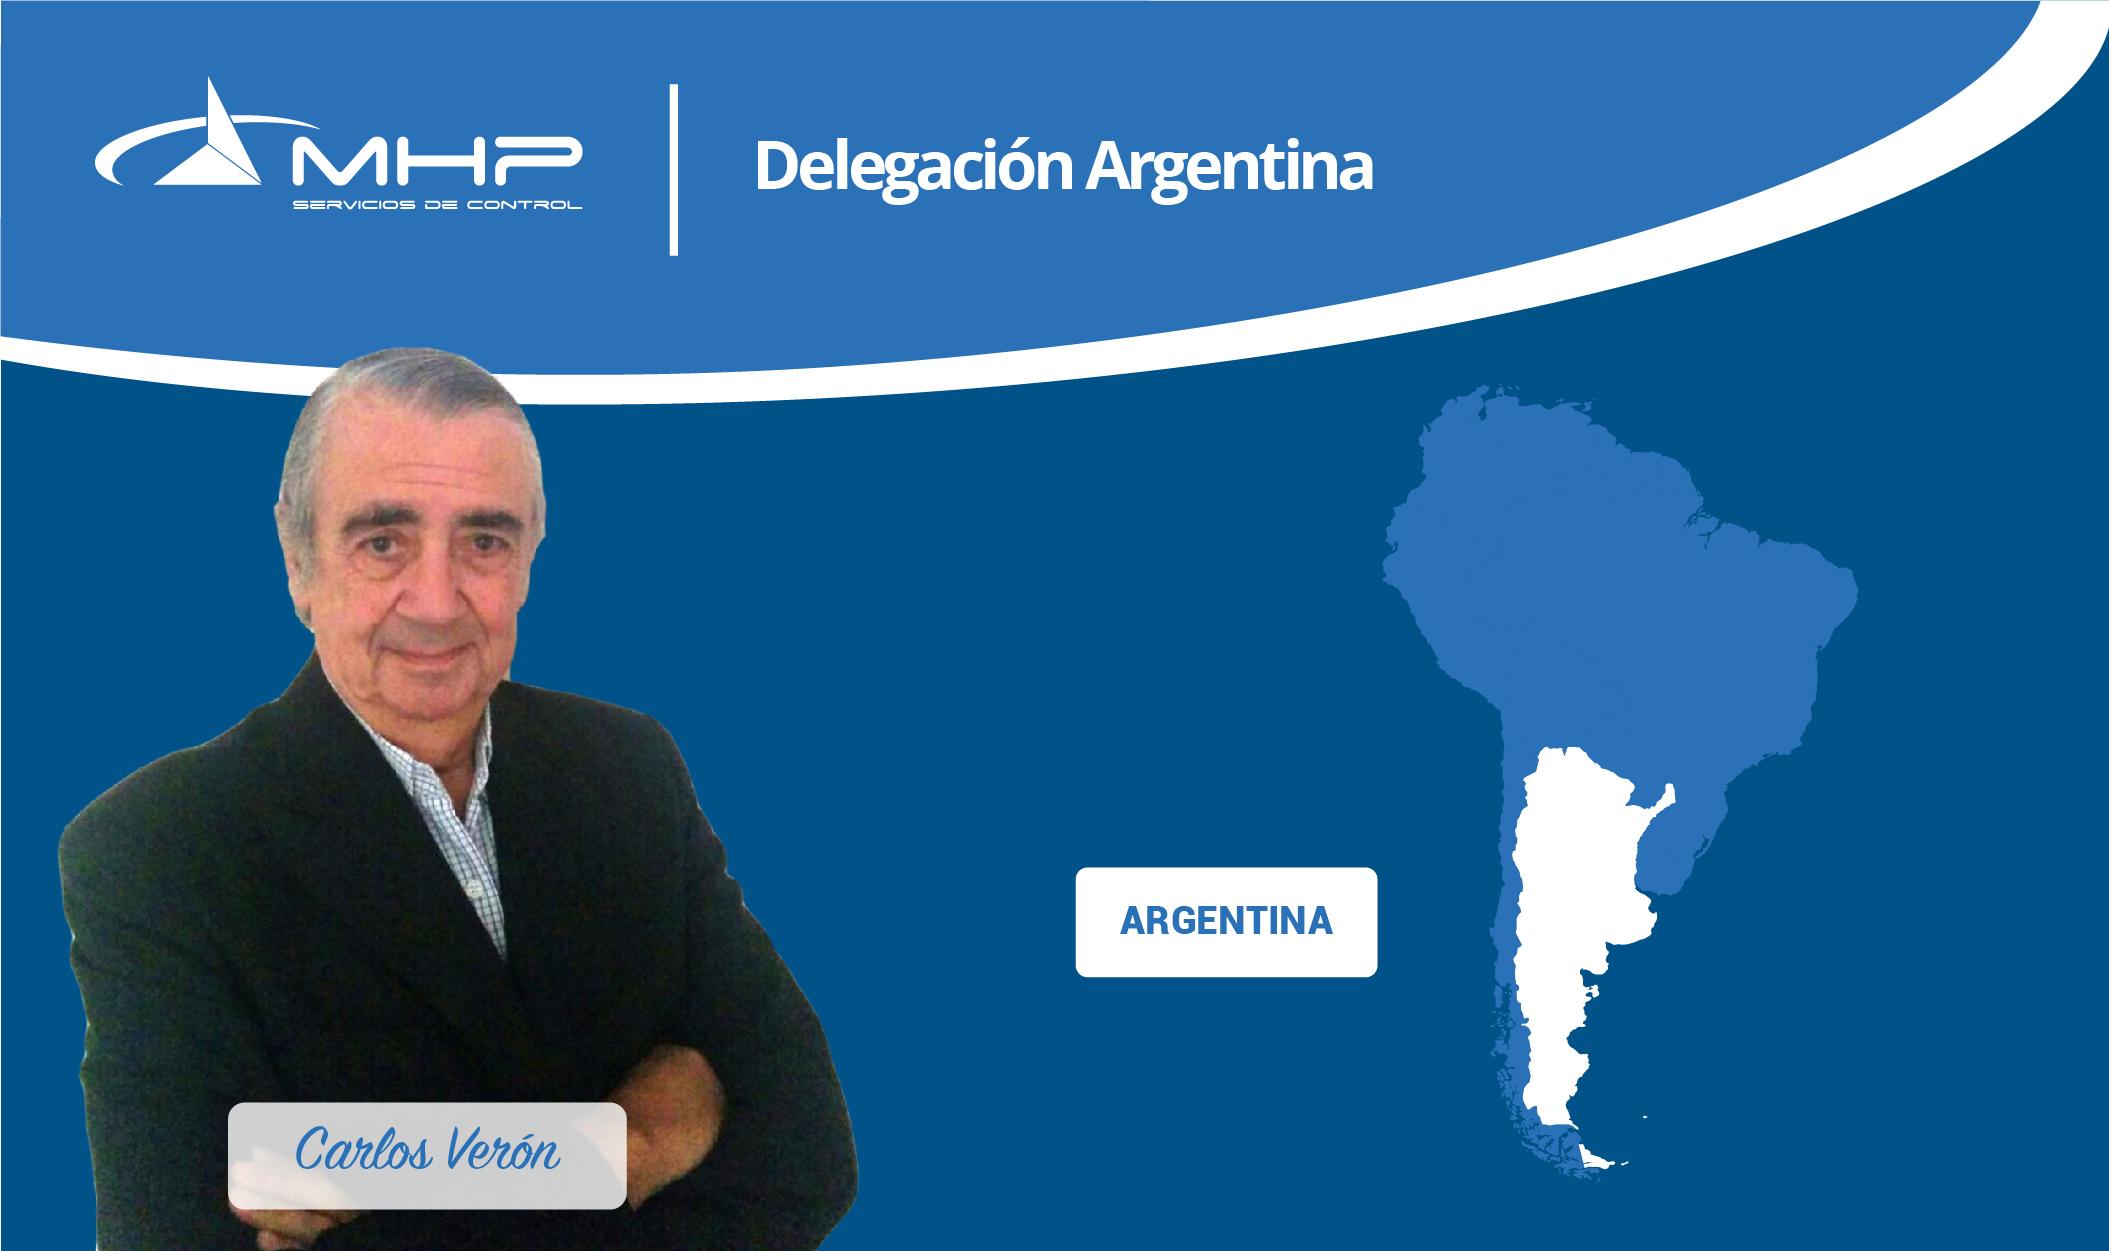 Delegación Argentina, Buenos Aires - Carlos Verón